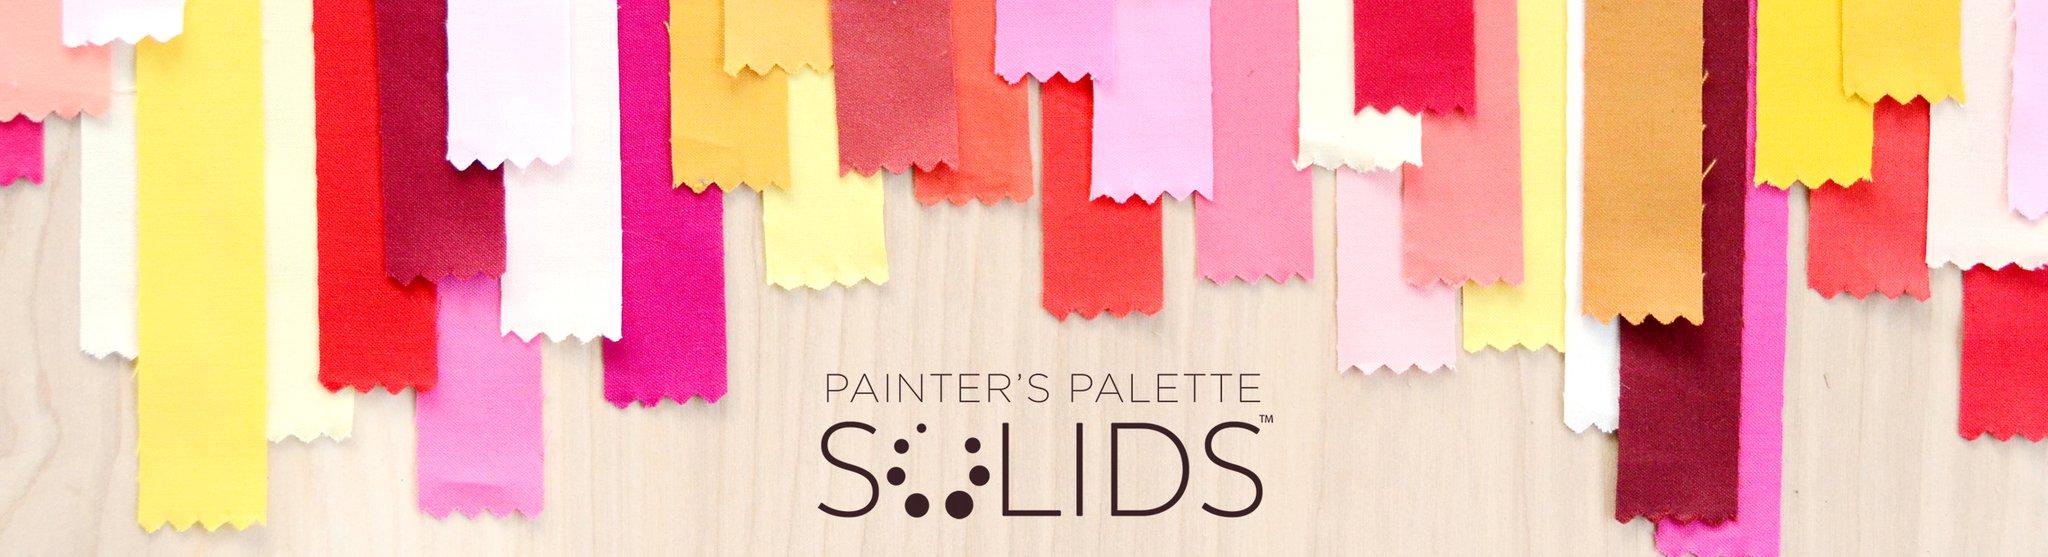 painterspaletteheader.jpg